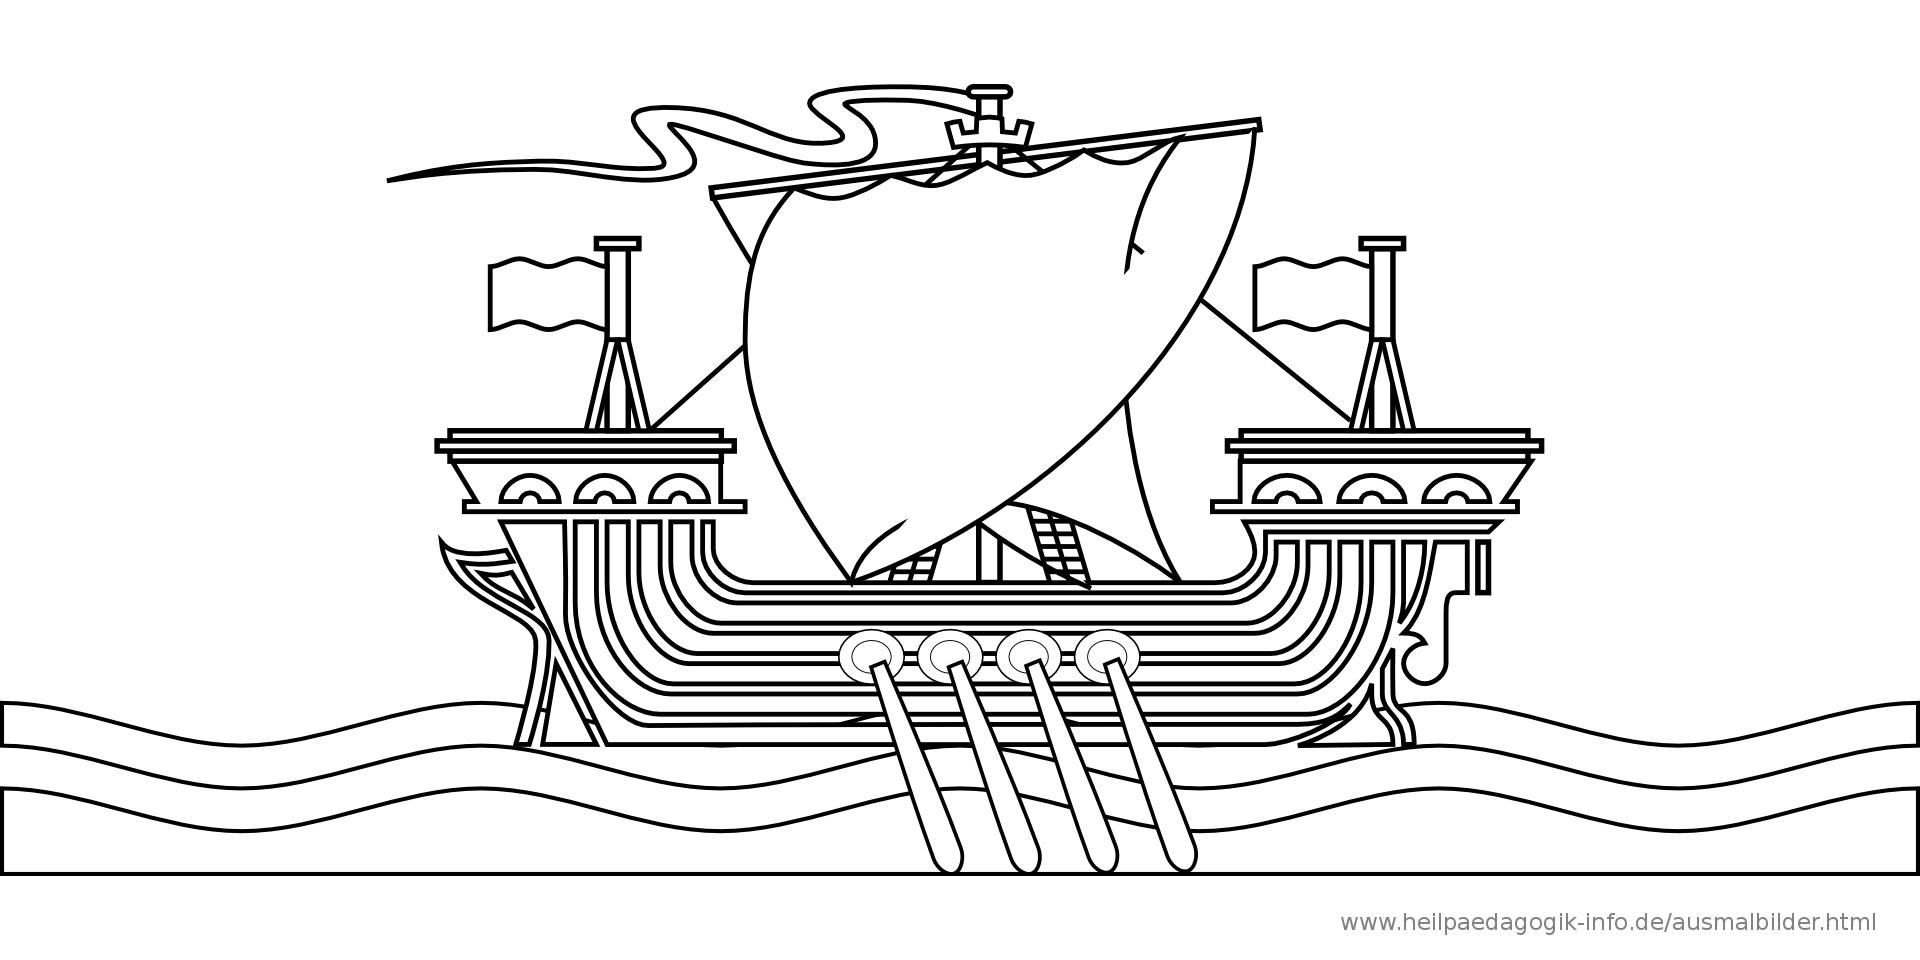 Ausmalbilder Schiffe Und Boote mit Ausmalbilder Schiffe